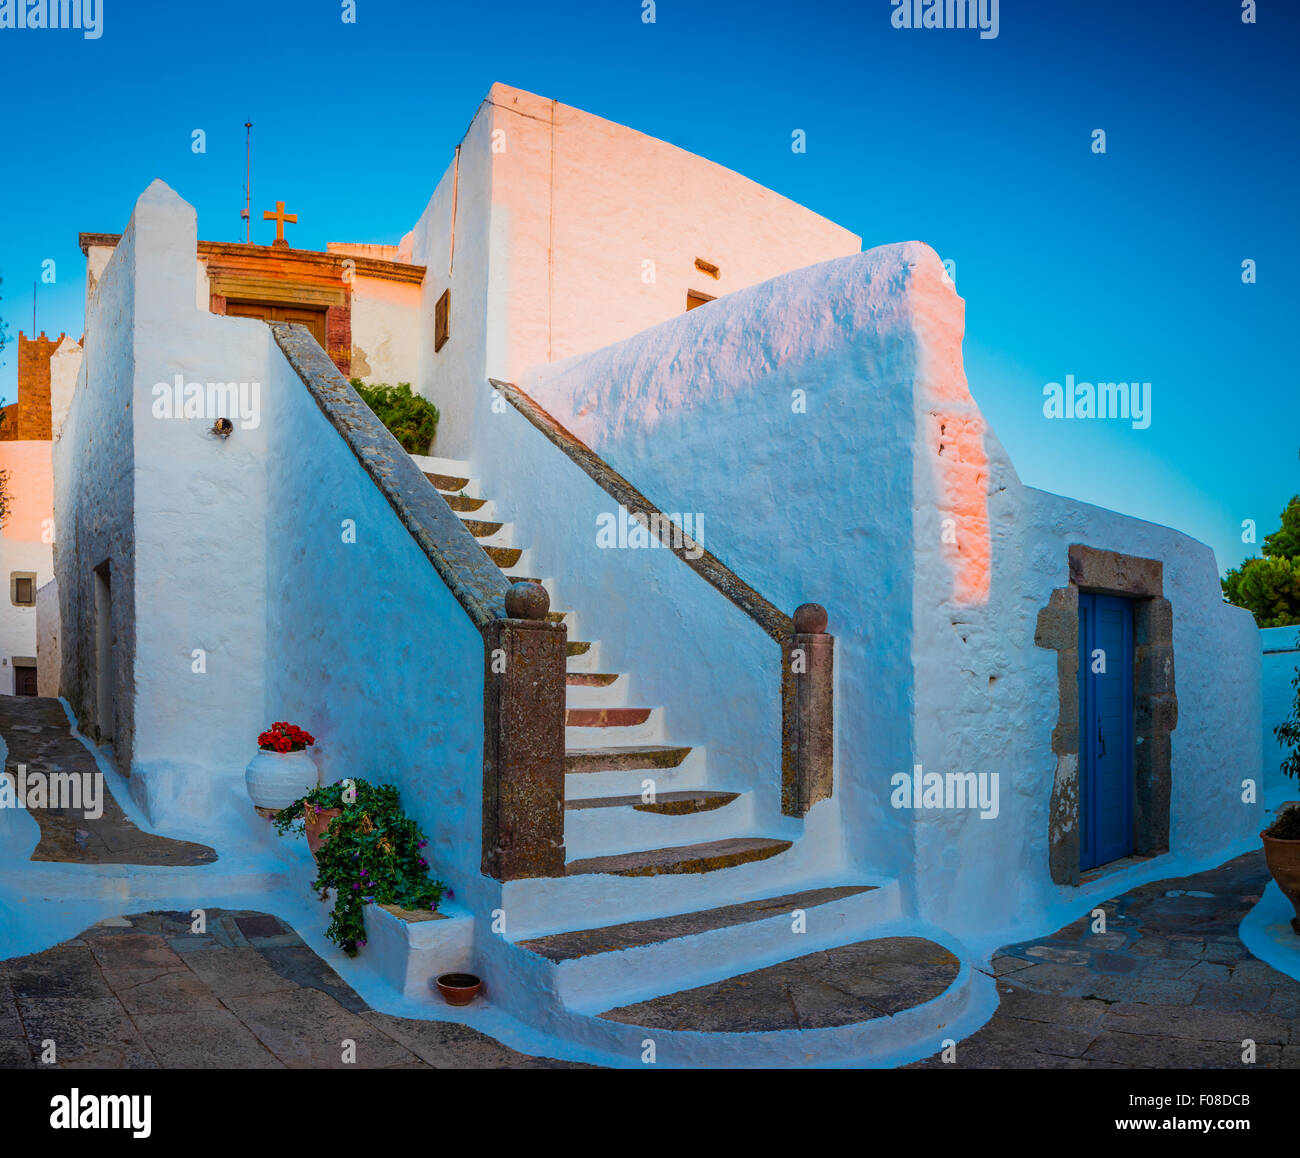 Kapelle in der Stadt Chora auf der Insel Patmos in Griechenland. Stockbild